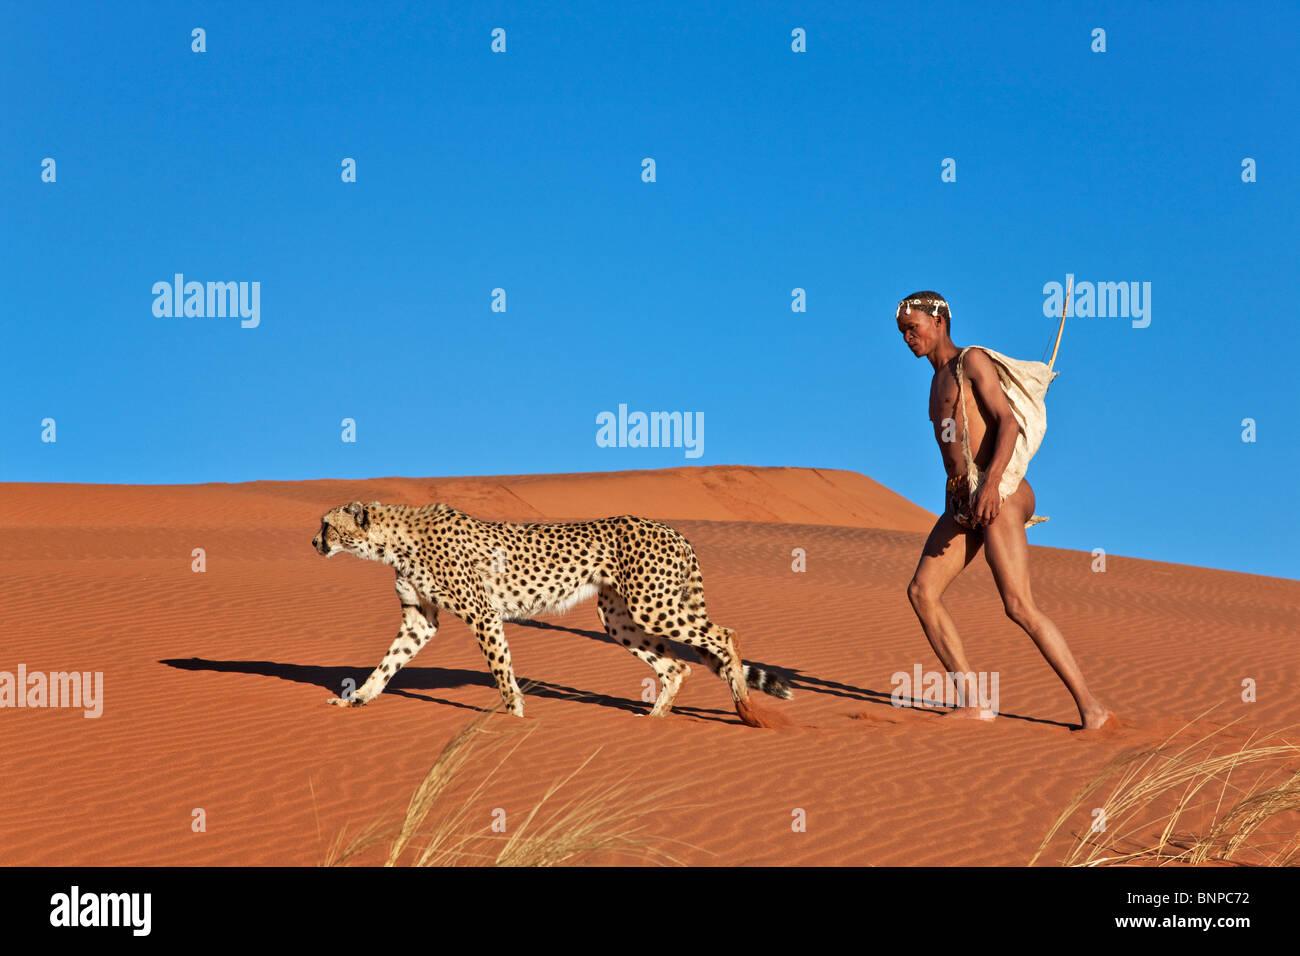 San hunter armado com arco e flecha tradicionais com cheetah Imagens de Stock